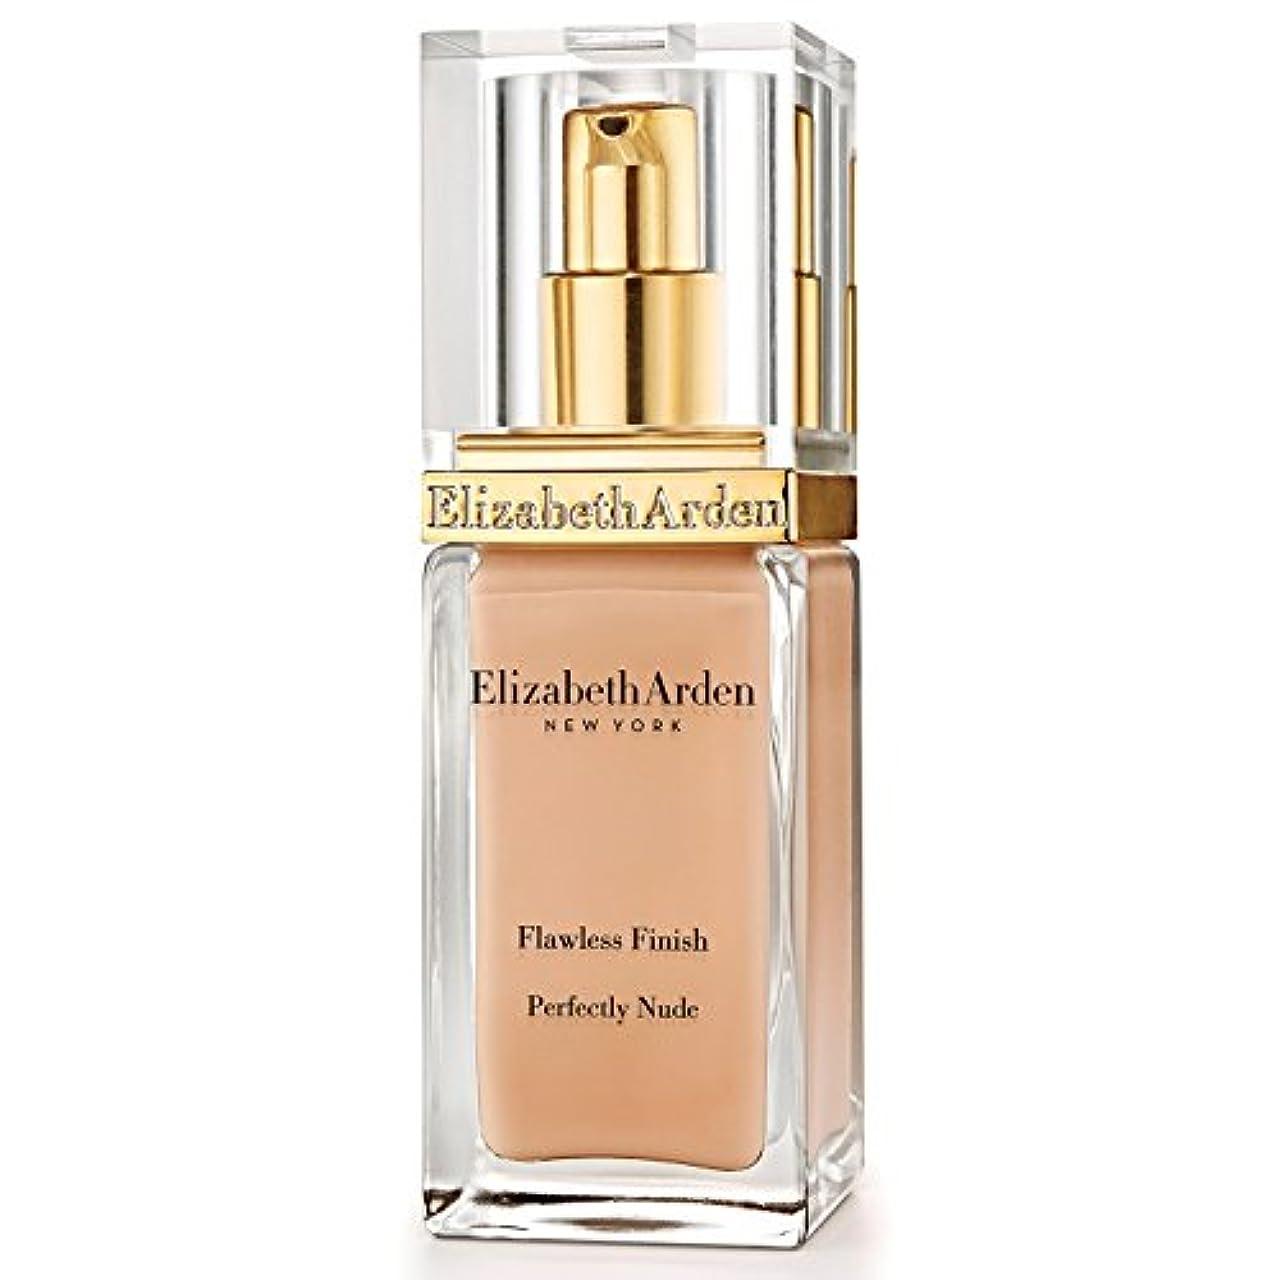 ベーシックうるさい寄付するエリザベスアーデン完璧な仕上がり完璧ヌードファンデーション 15ビスク x2 - Elizabeth Arden Flawless Finish Perfectly Nude Foundation SPF 15 Bisque (Pack of 2) [並行輸入品]